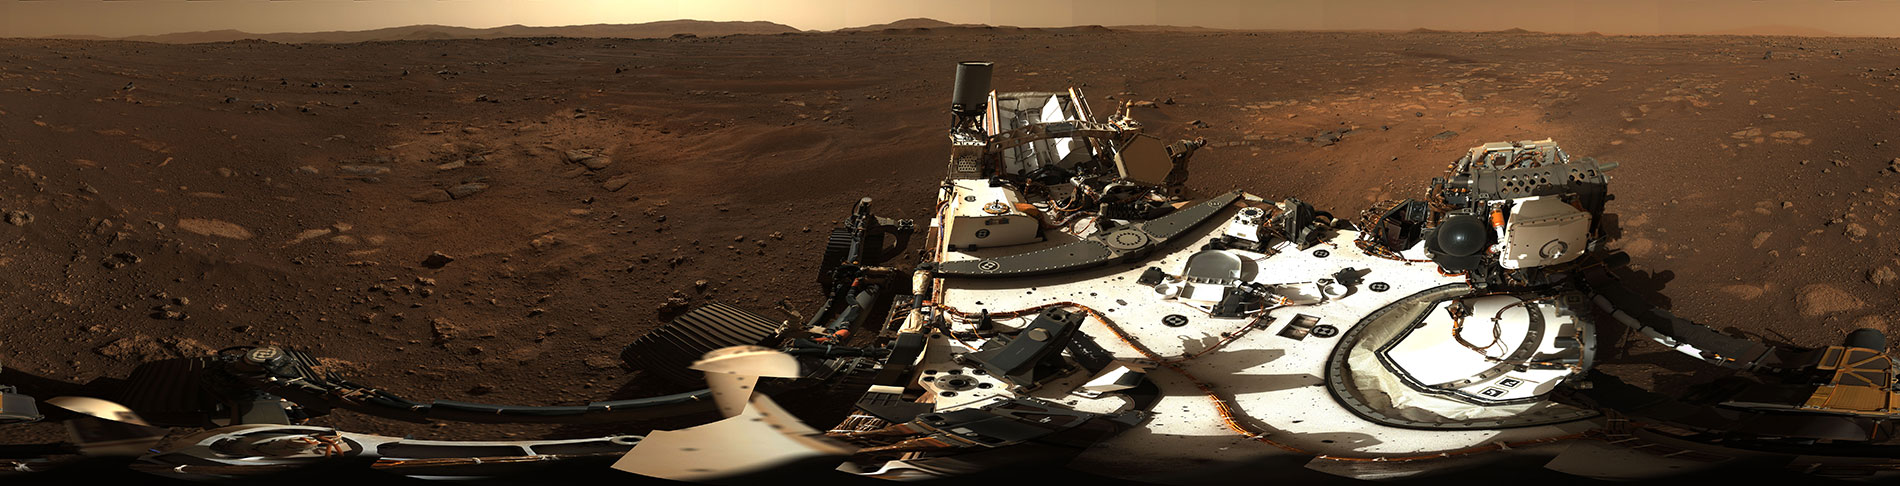 Troisième jour sur Mars